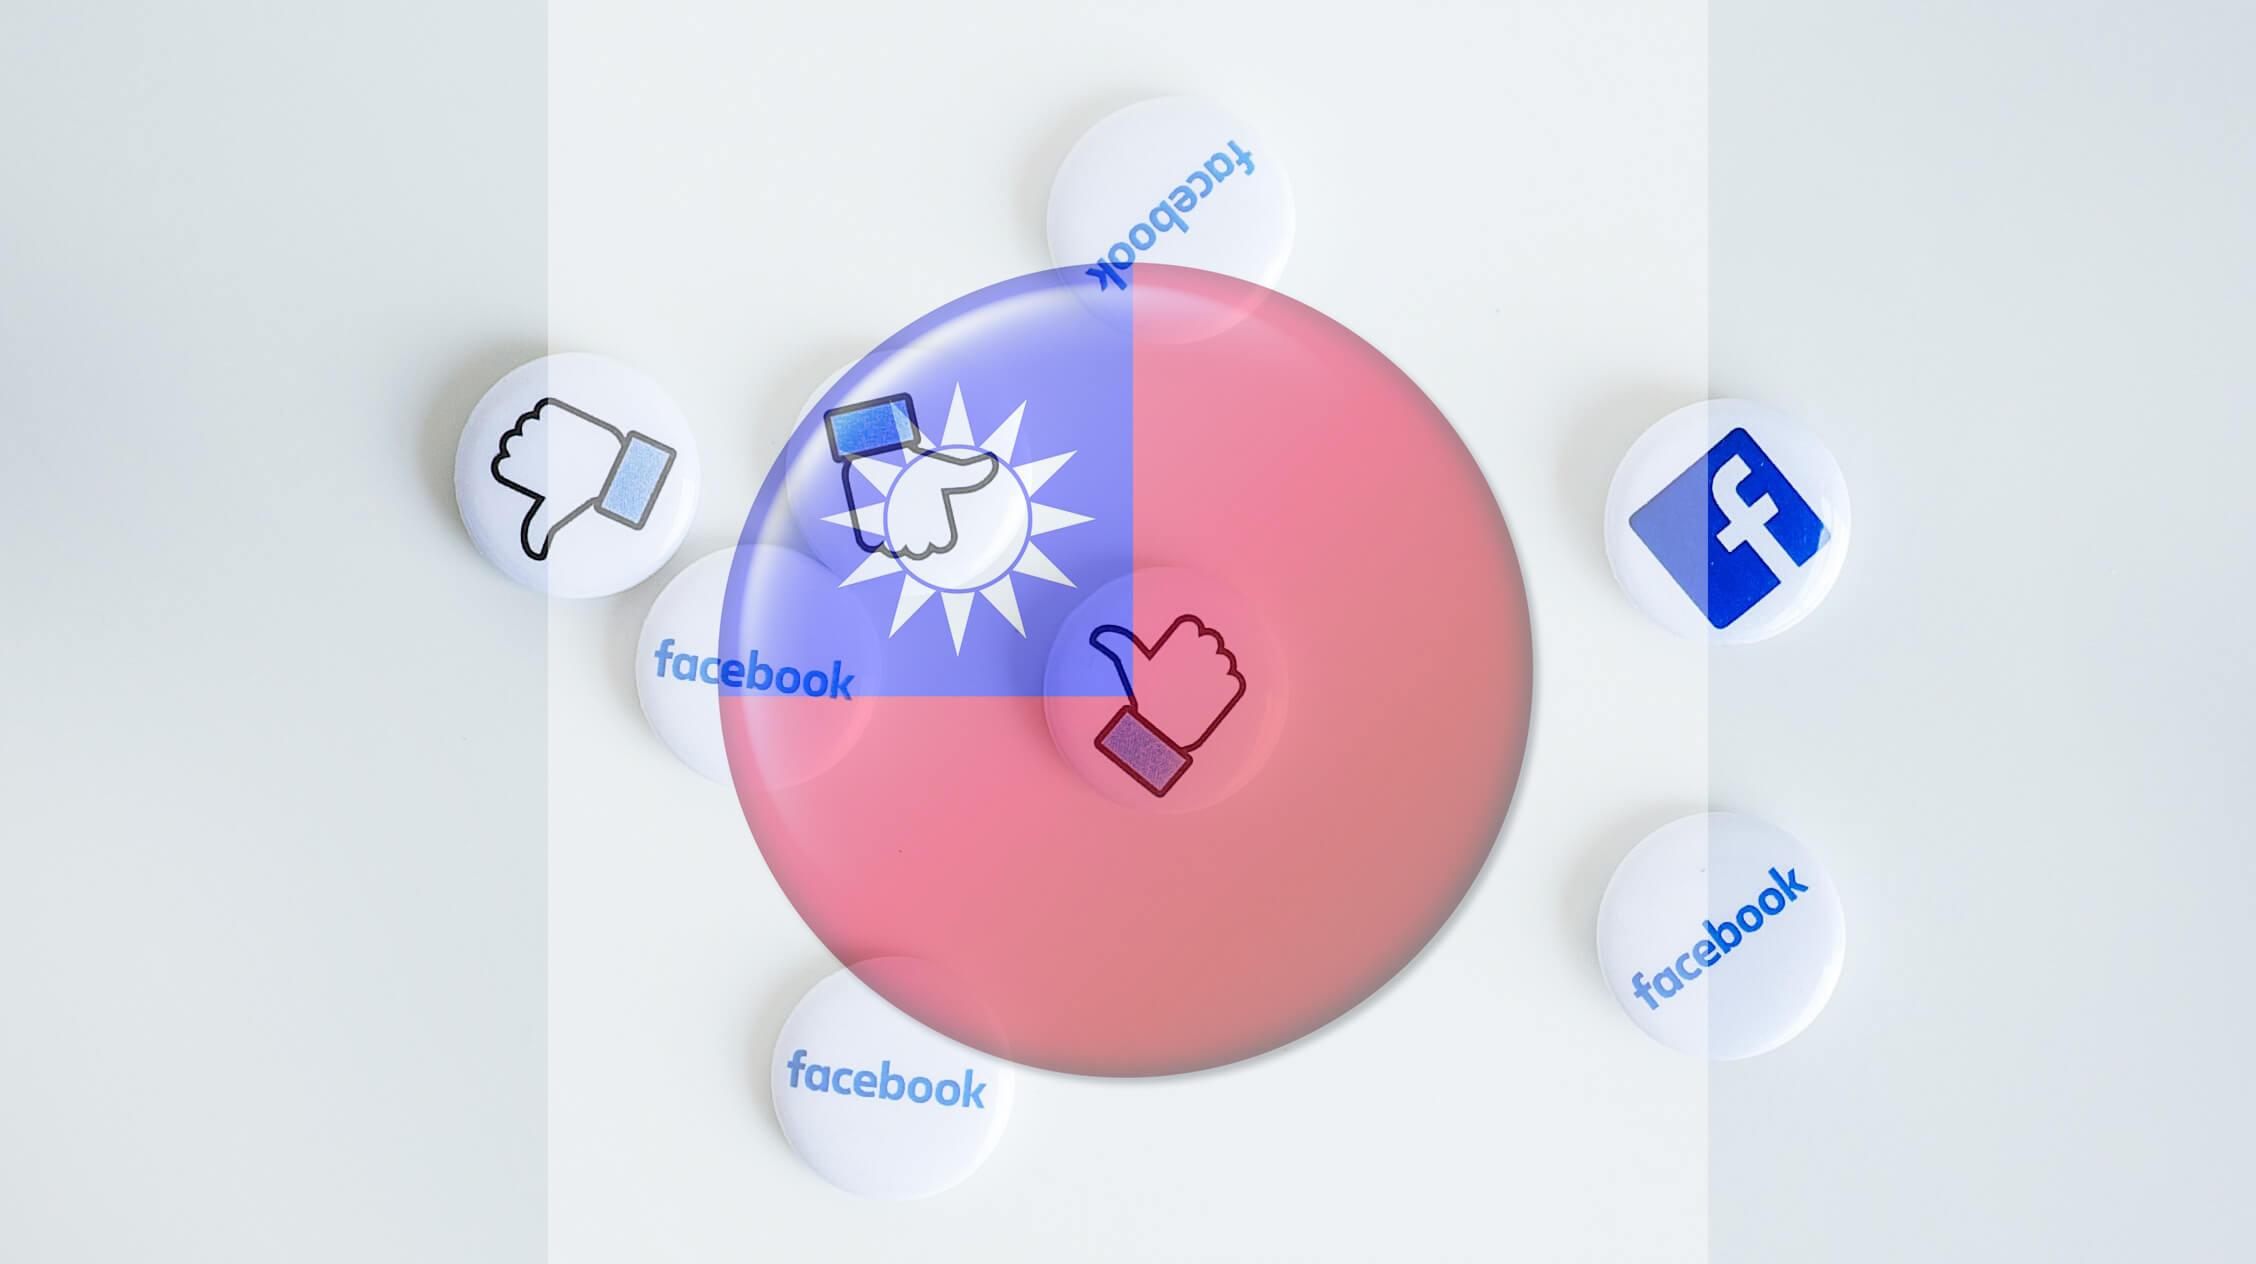 台湾でネット(デジタル)広告を配信するための基礎知識 | 台湾広告市場の最新事情を解説